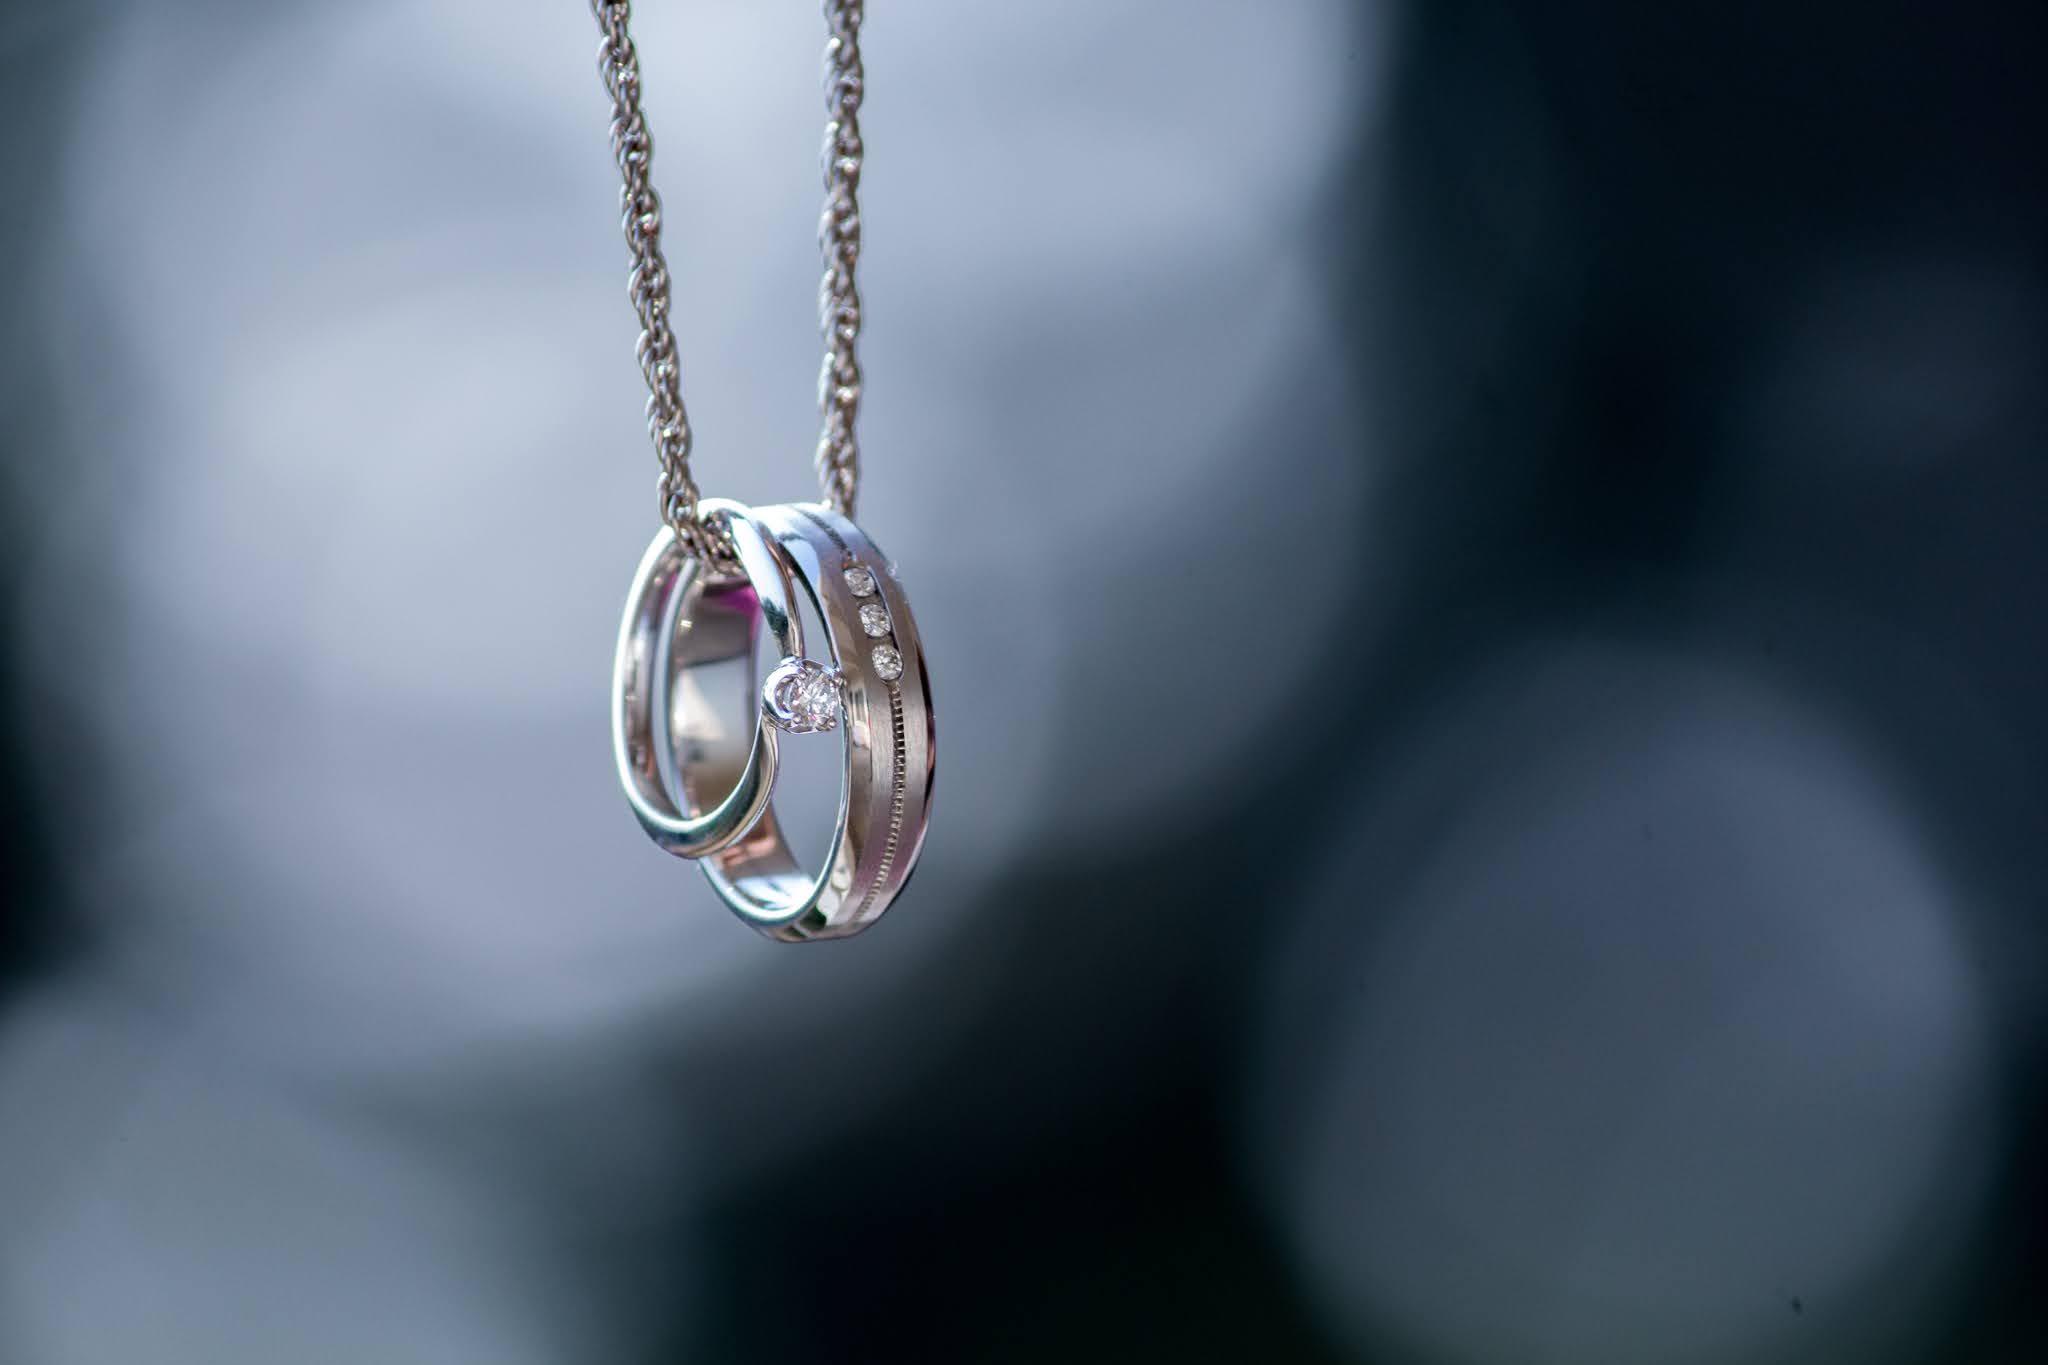 Uczulenie na metale a noszenie biżuterii. Czy istnieje biżuteria dla alergików?